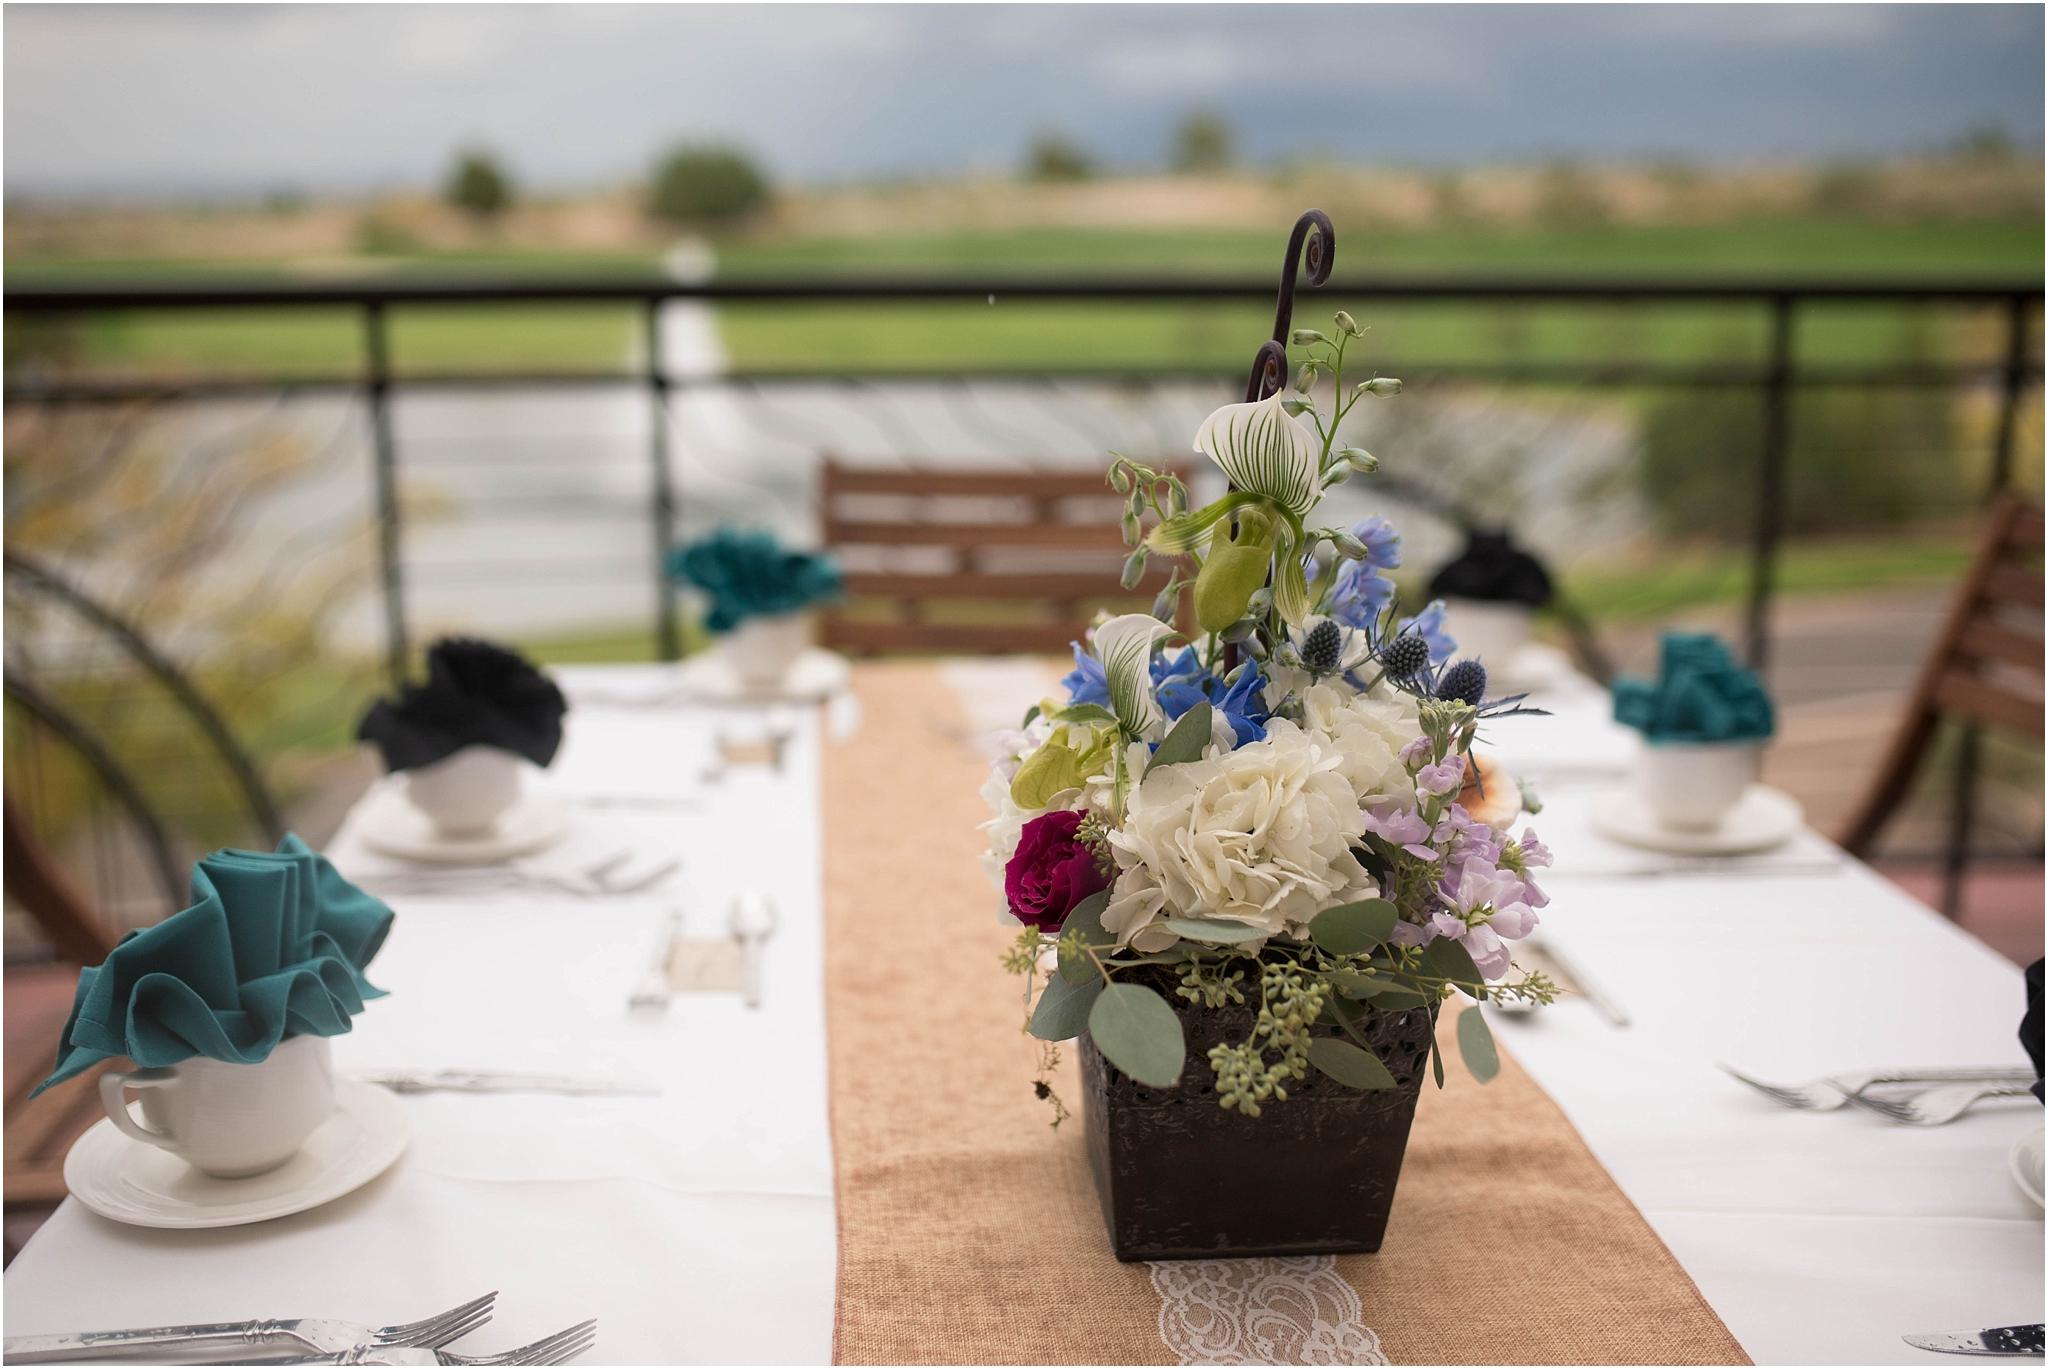 kayla kitts photography - new mexico wedding photographer - albuquerque botanic gardens - hotel albuquerque_0102.jpg